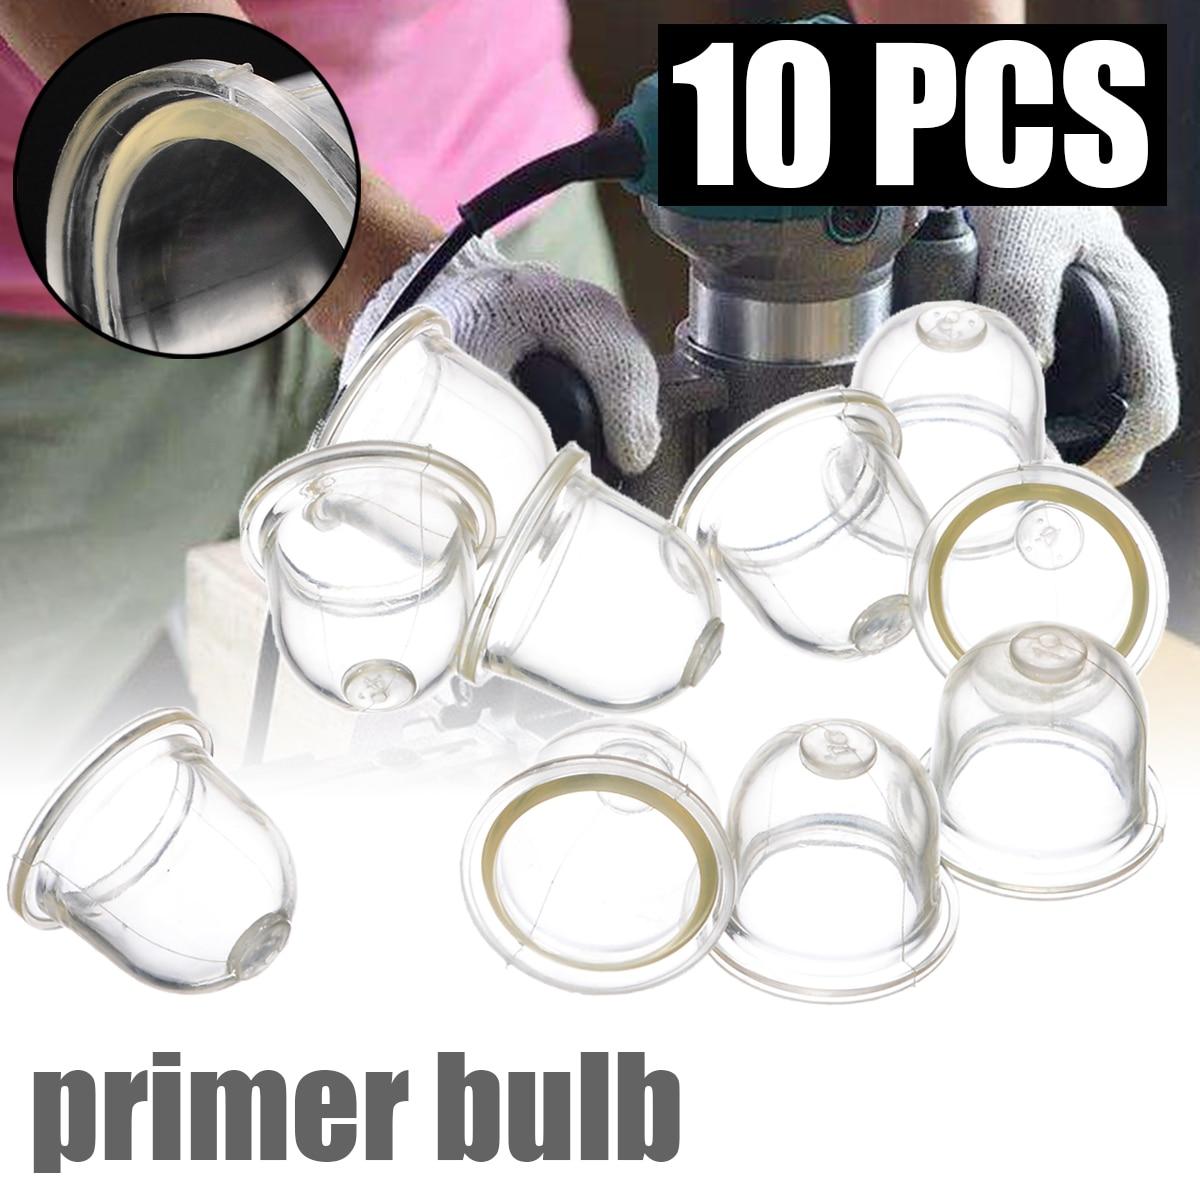 22mm 10pcs Fuel Pump Carburetor Primer Bulb For Chainsaws Trimmer Brushcutter